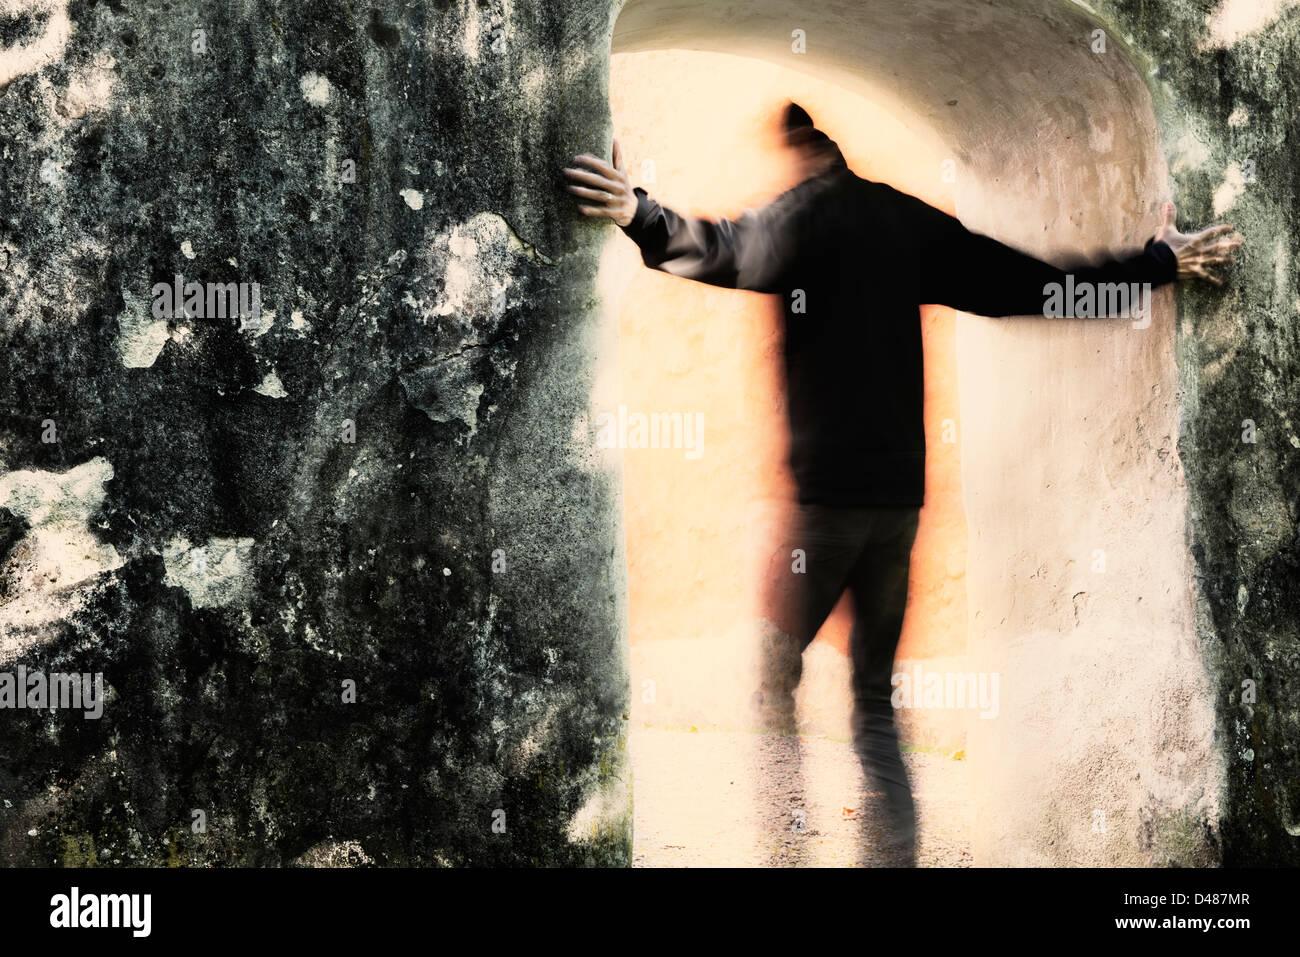 Adulto maschio muovendosi da tenebre in luce attraverso il portale. Egli è in possesso al muro di pietra. Foto Stock